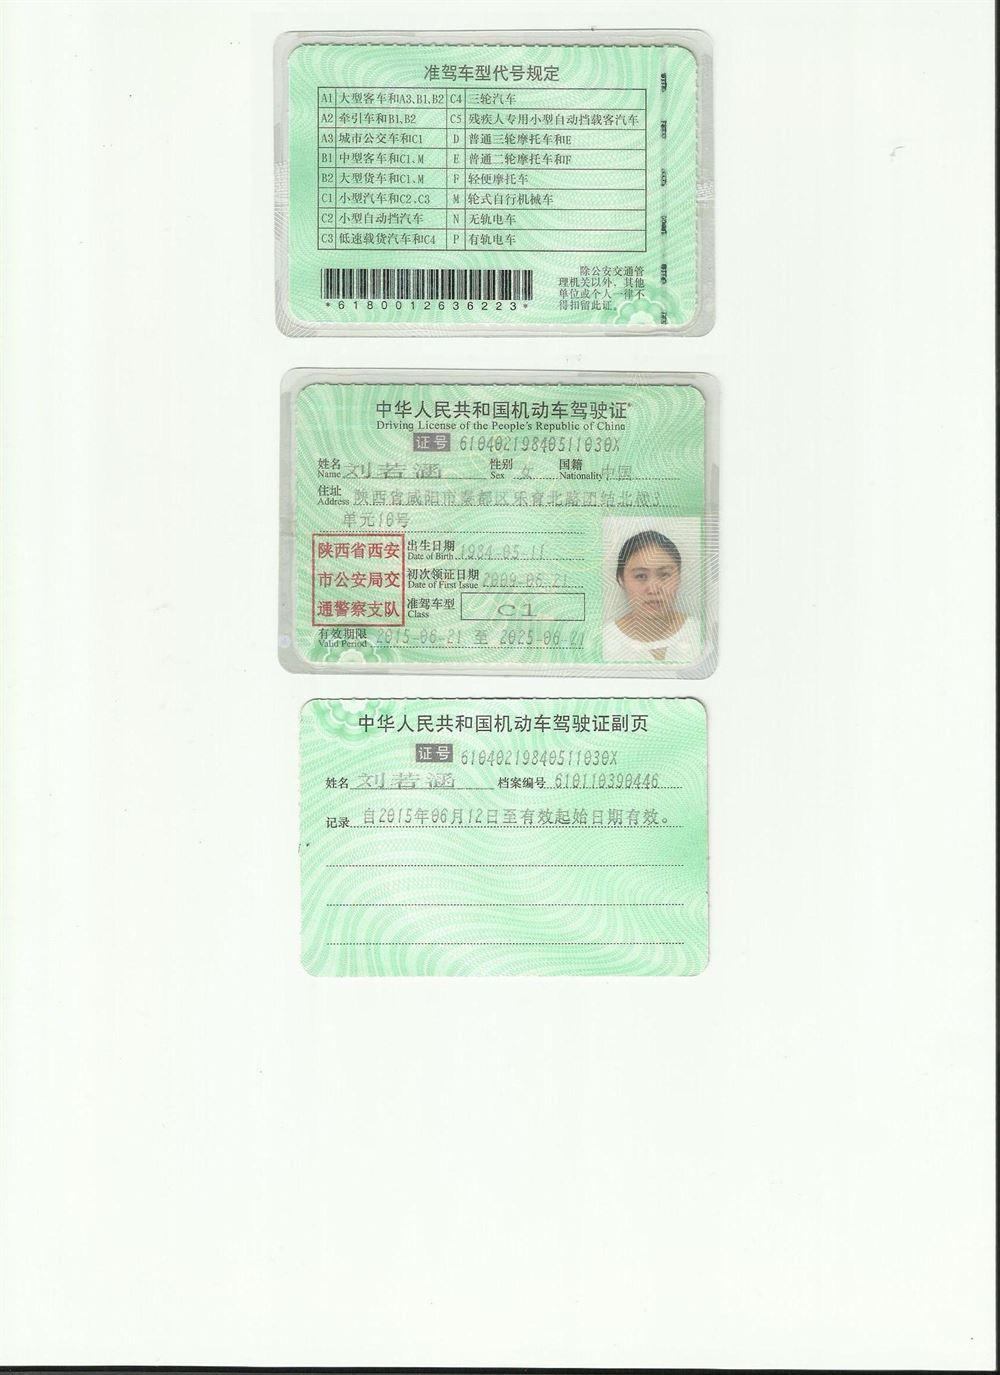 驾照翻译样本,汉译英,翻译认证